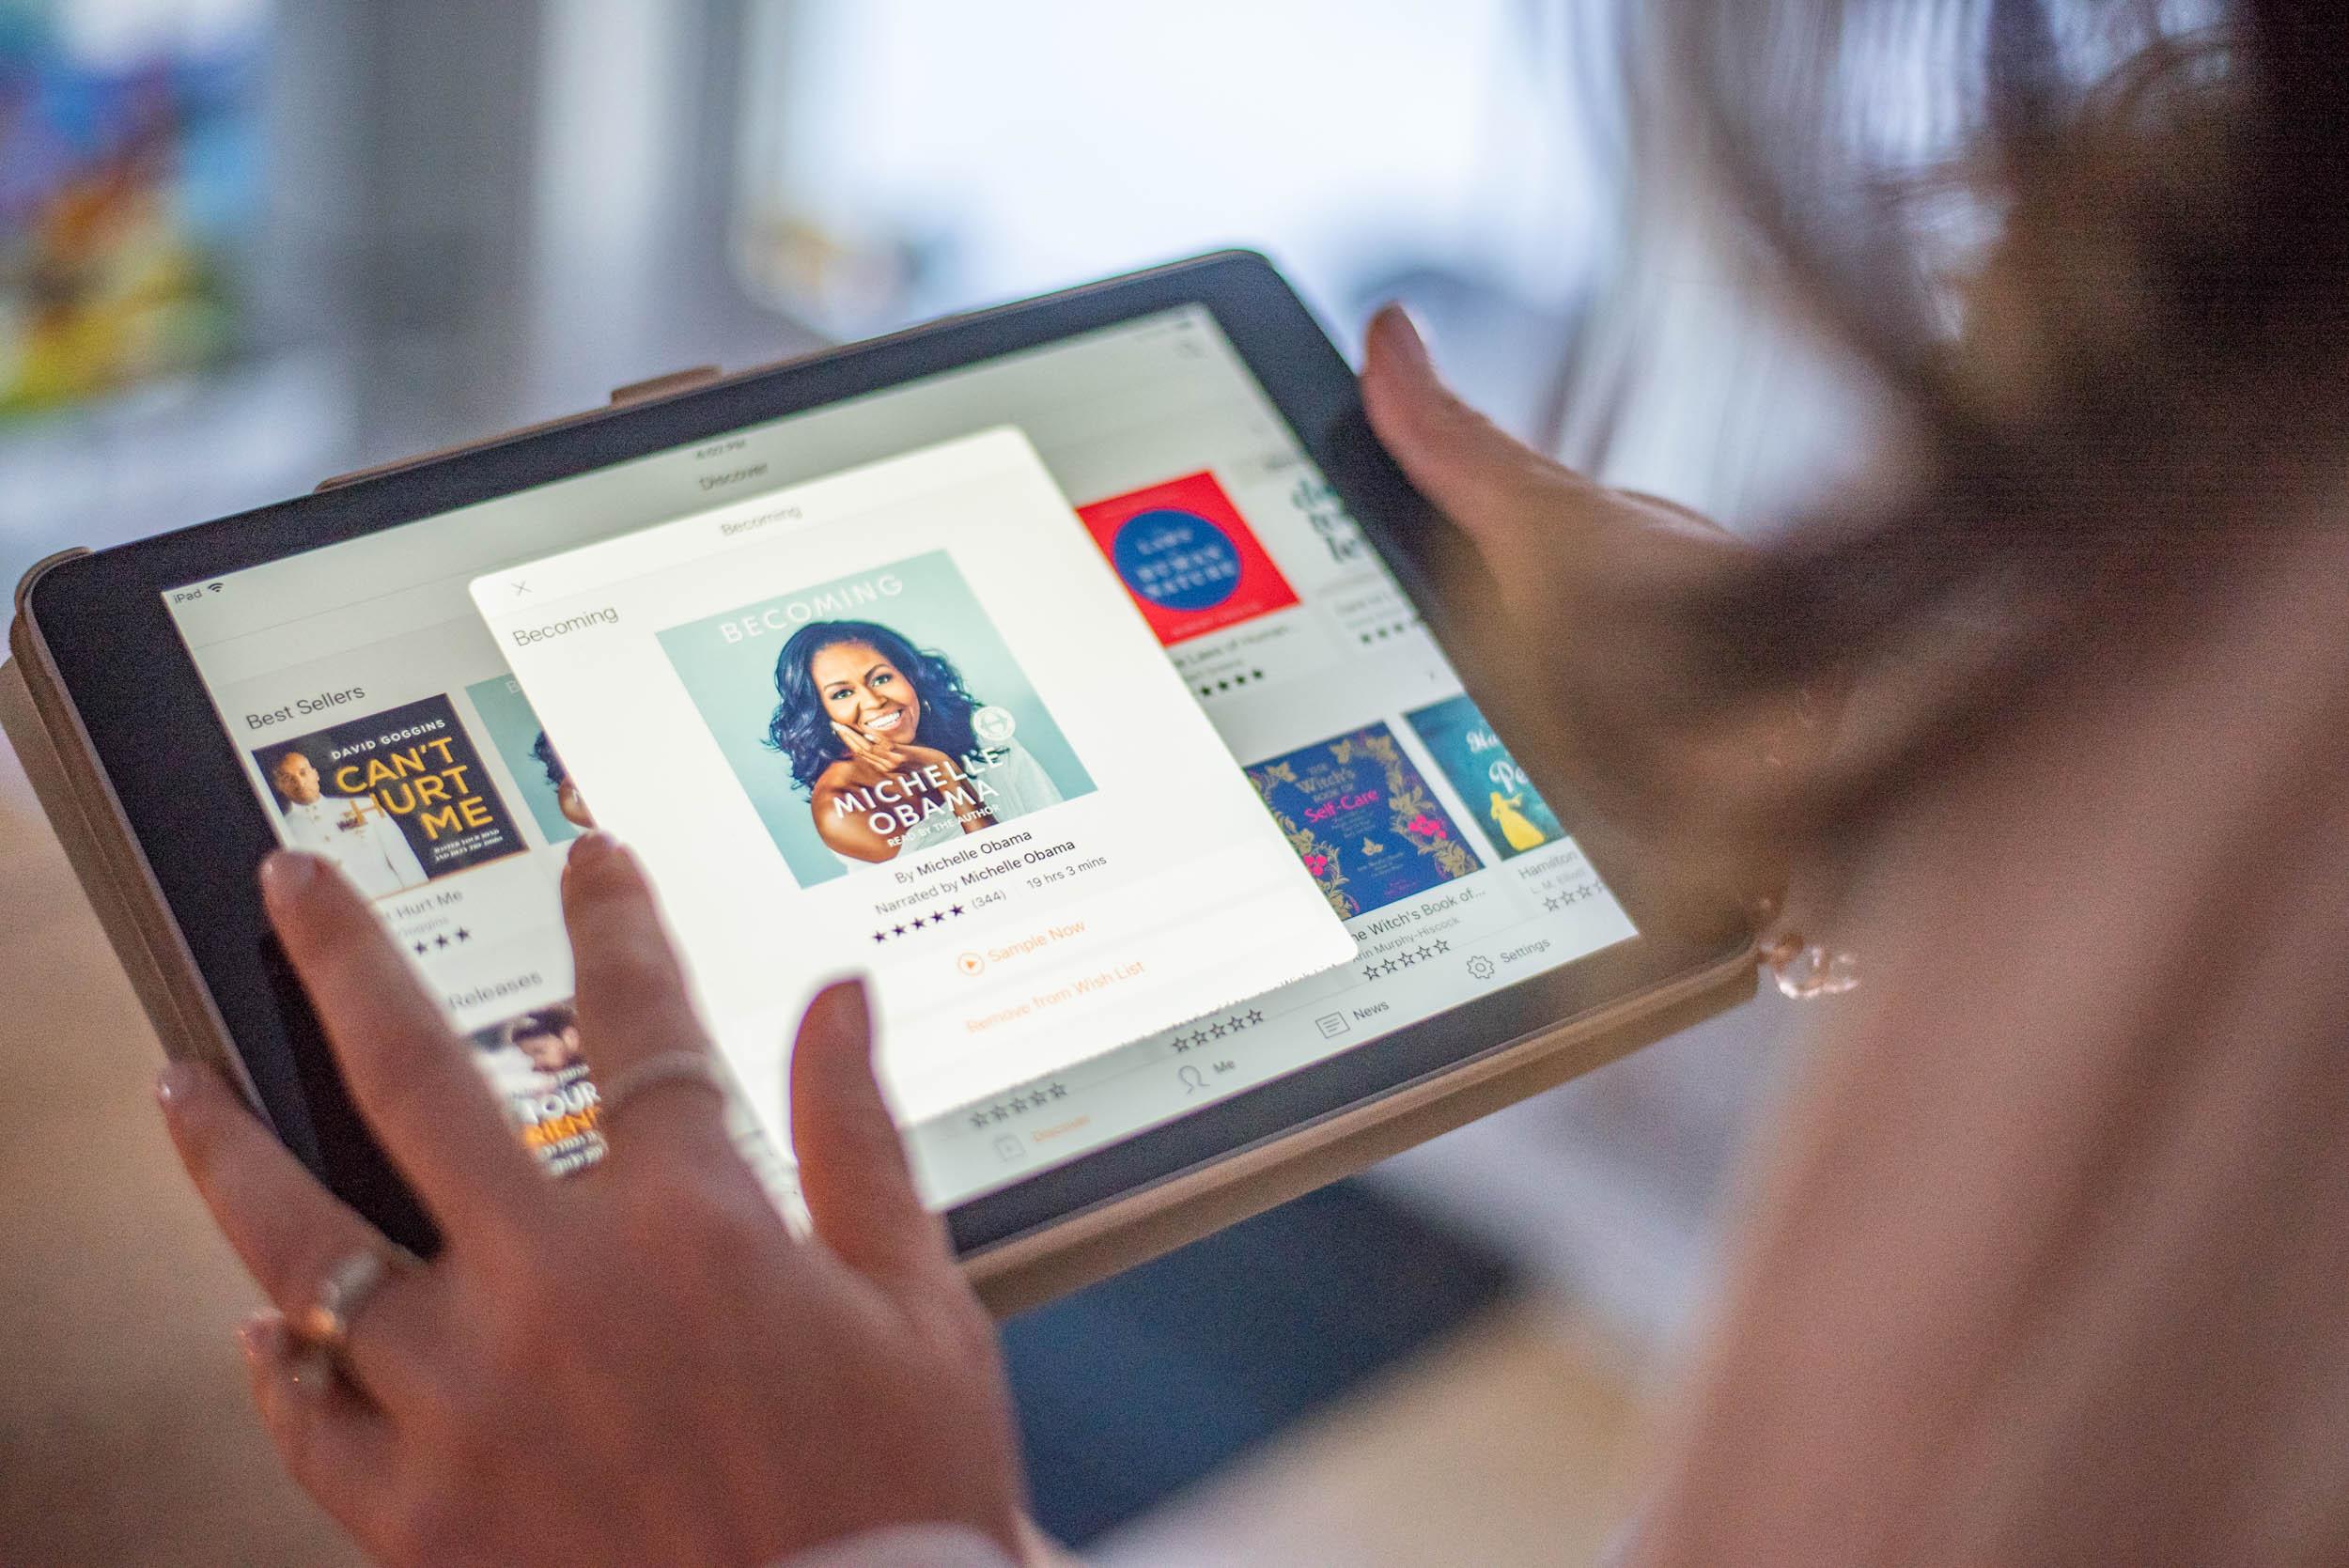 Audible-bibliothèque de livres audio-contenu audio-collaboration-livre numérique-route-Je suis une maman